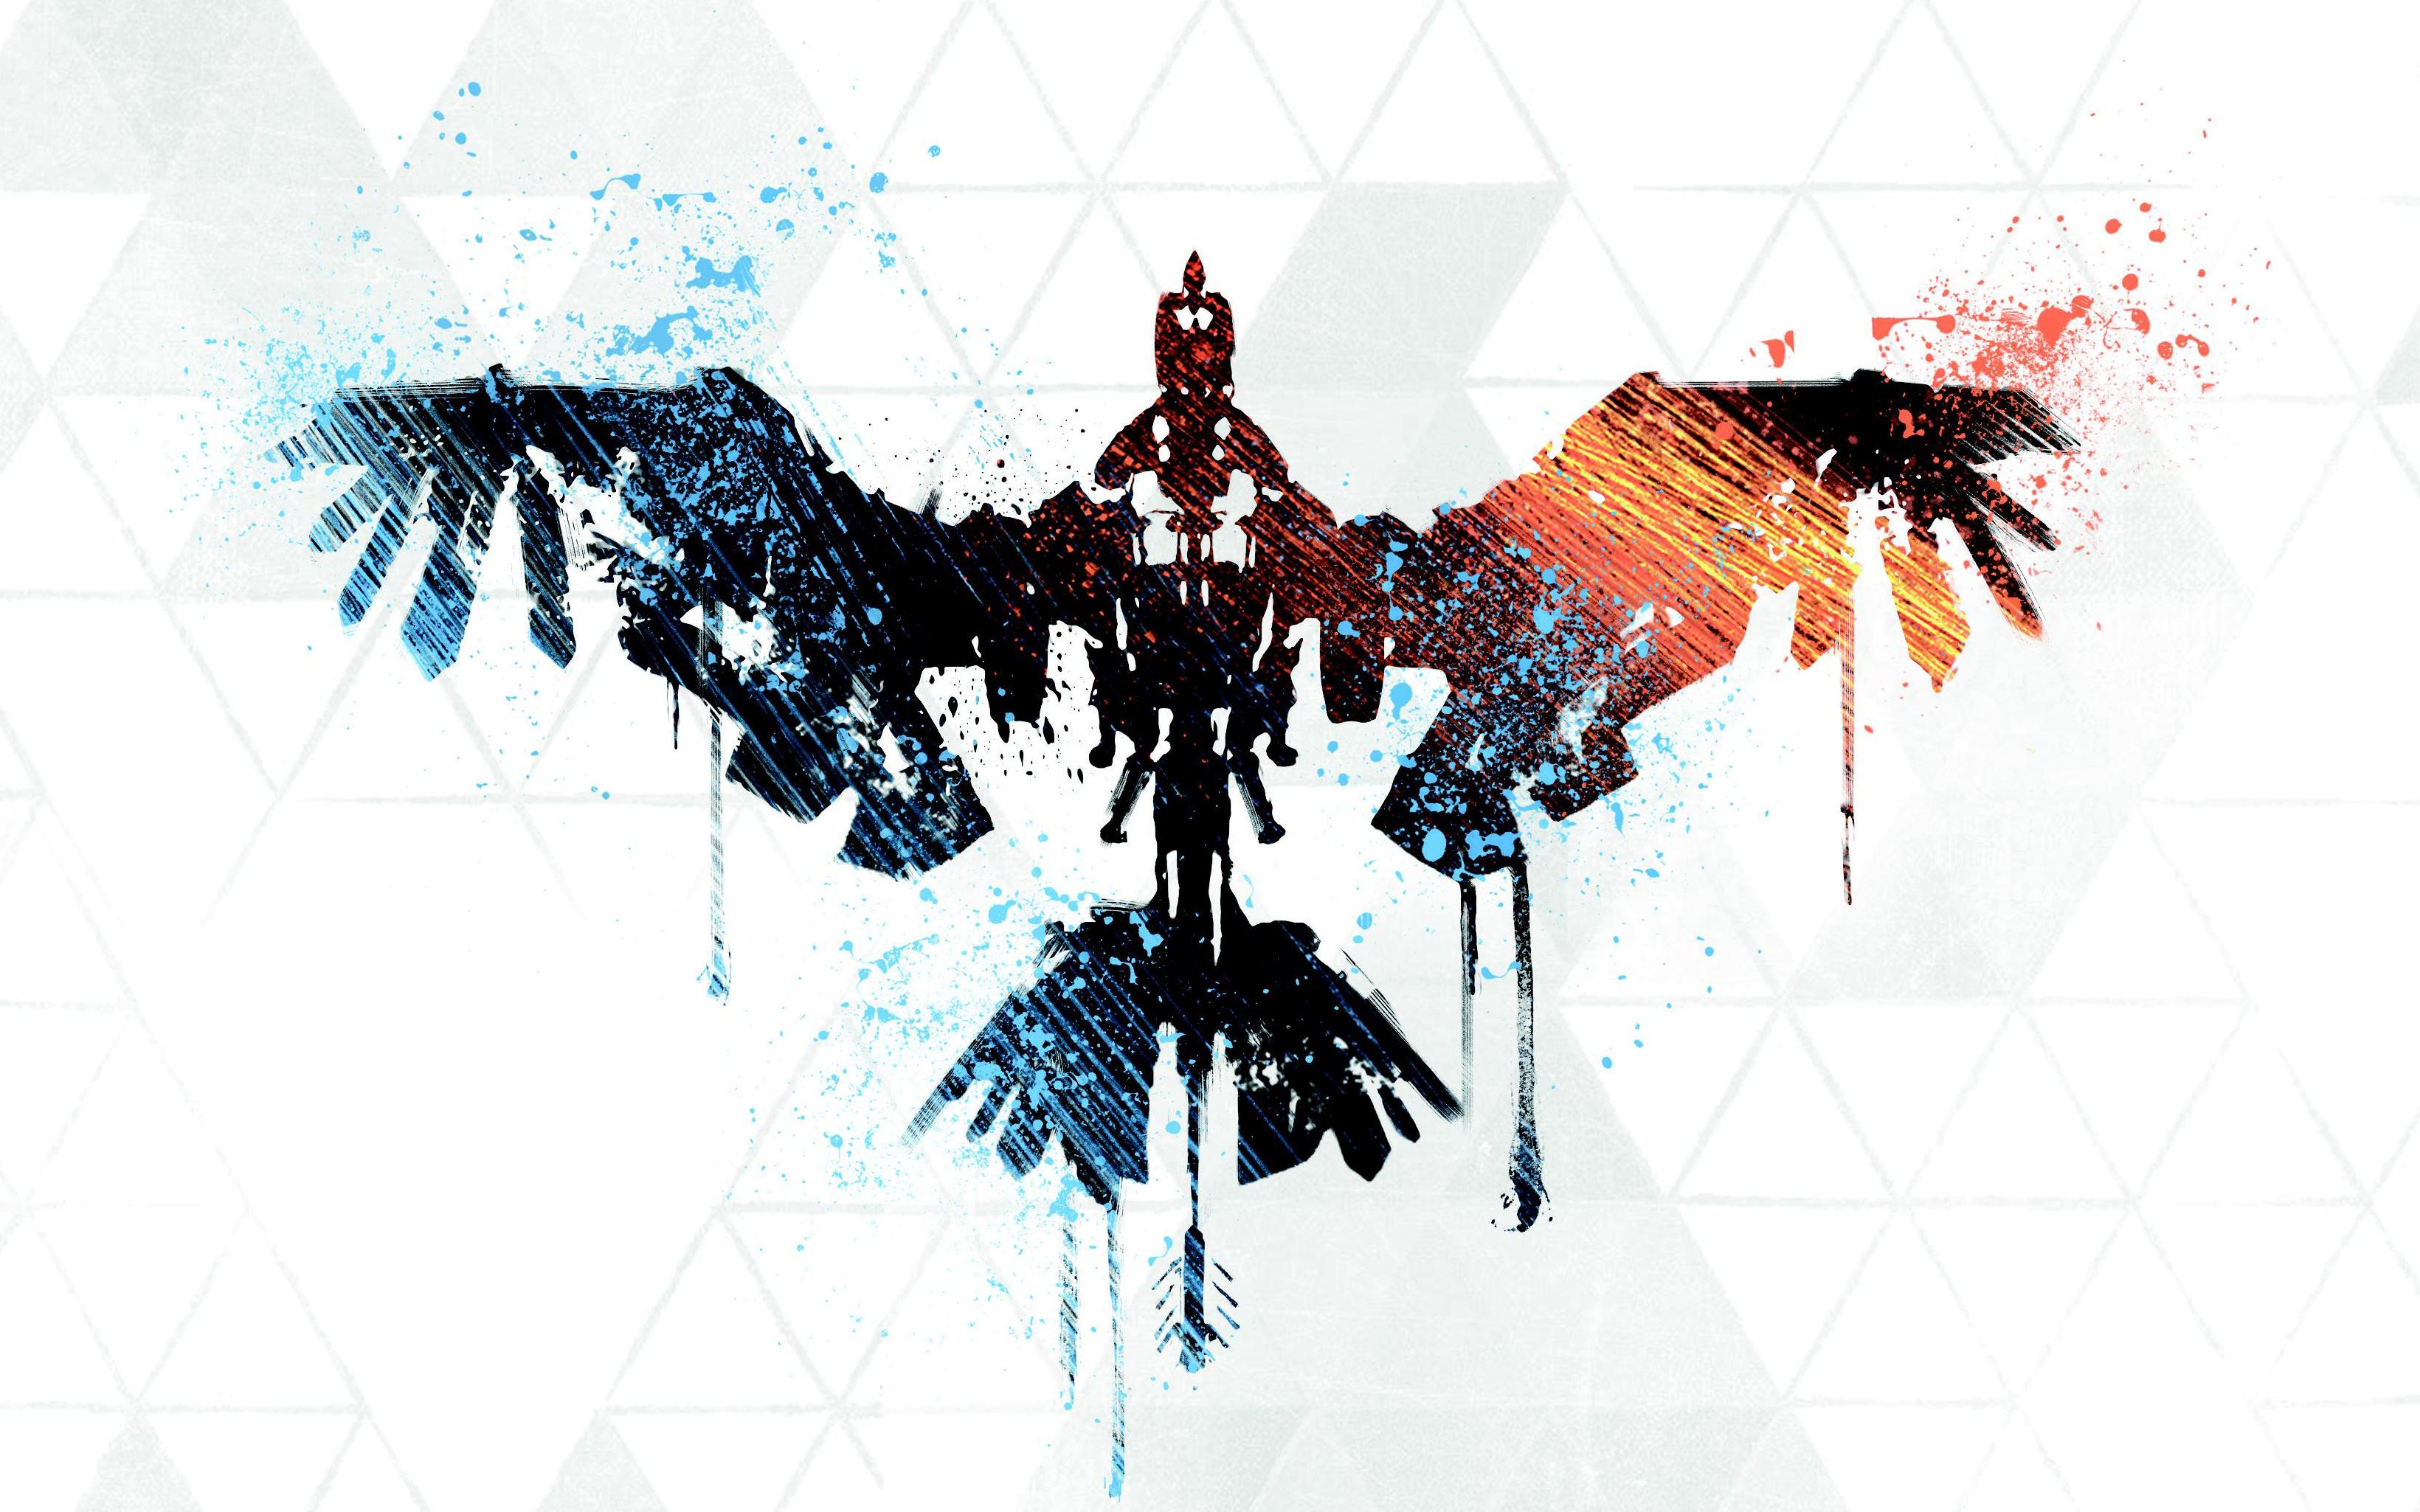 Art Of Horizon Zero Dawn Hd Wallpapers Hd Wallpapers